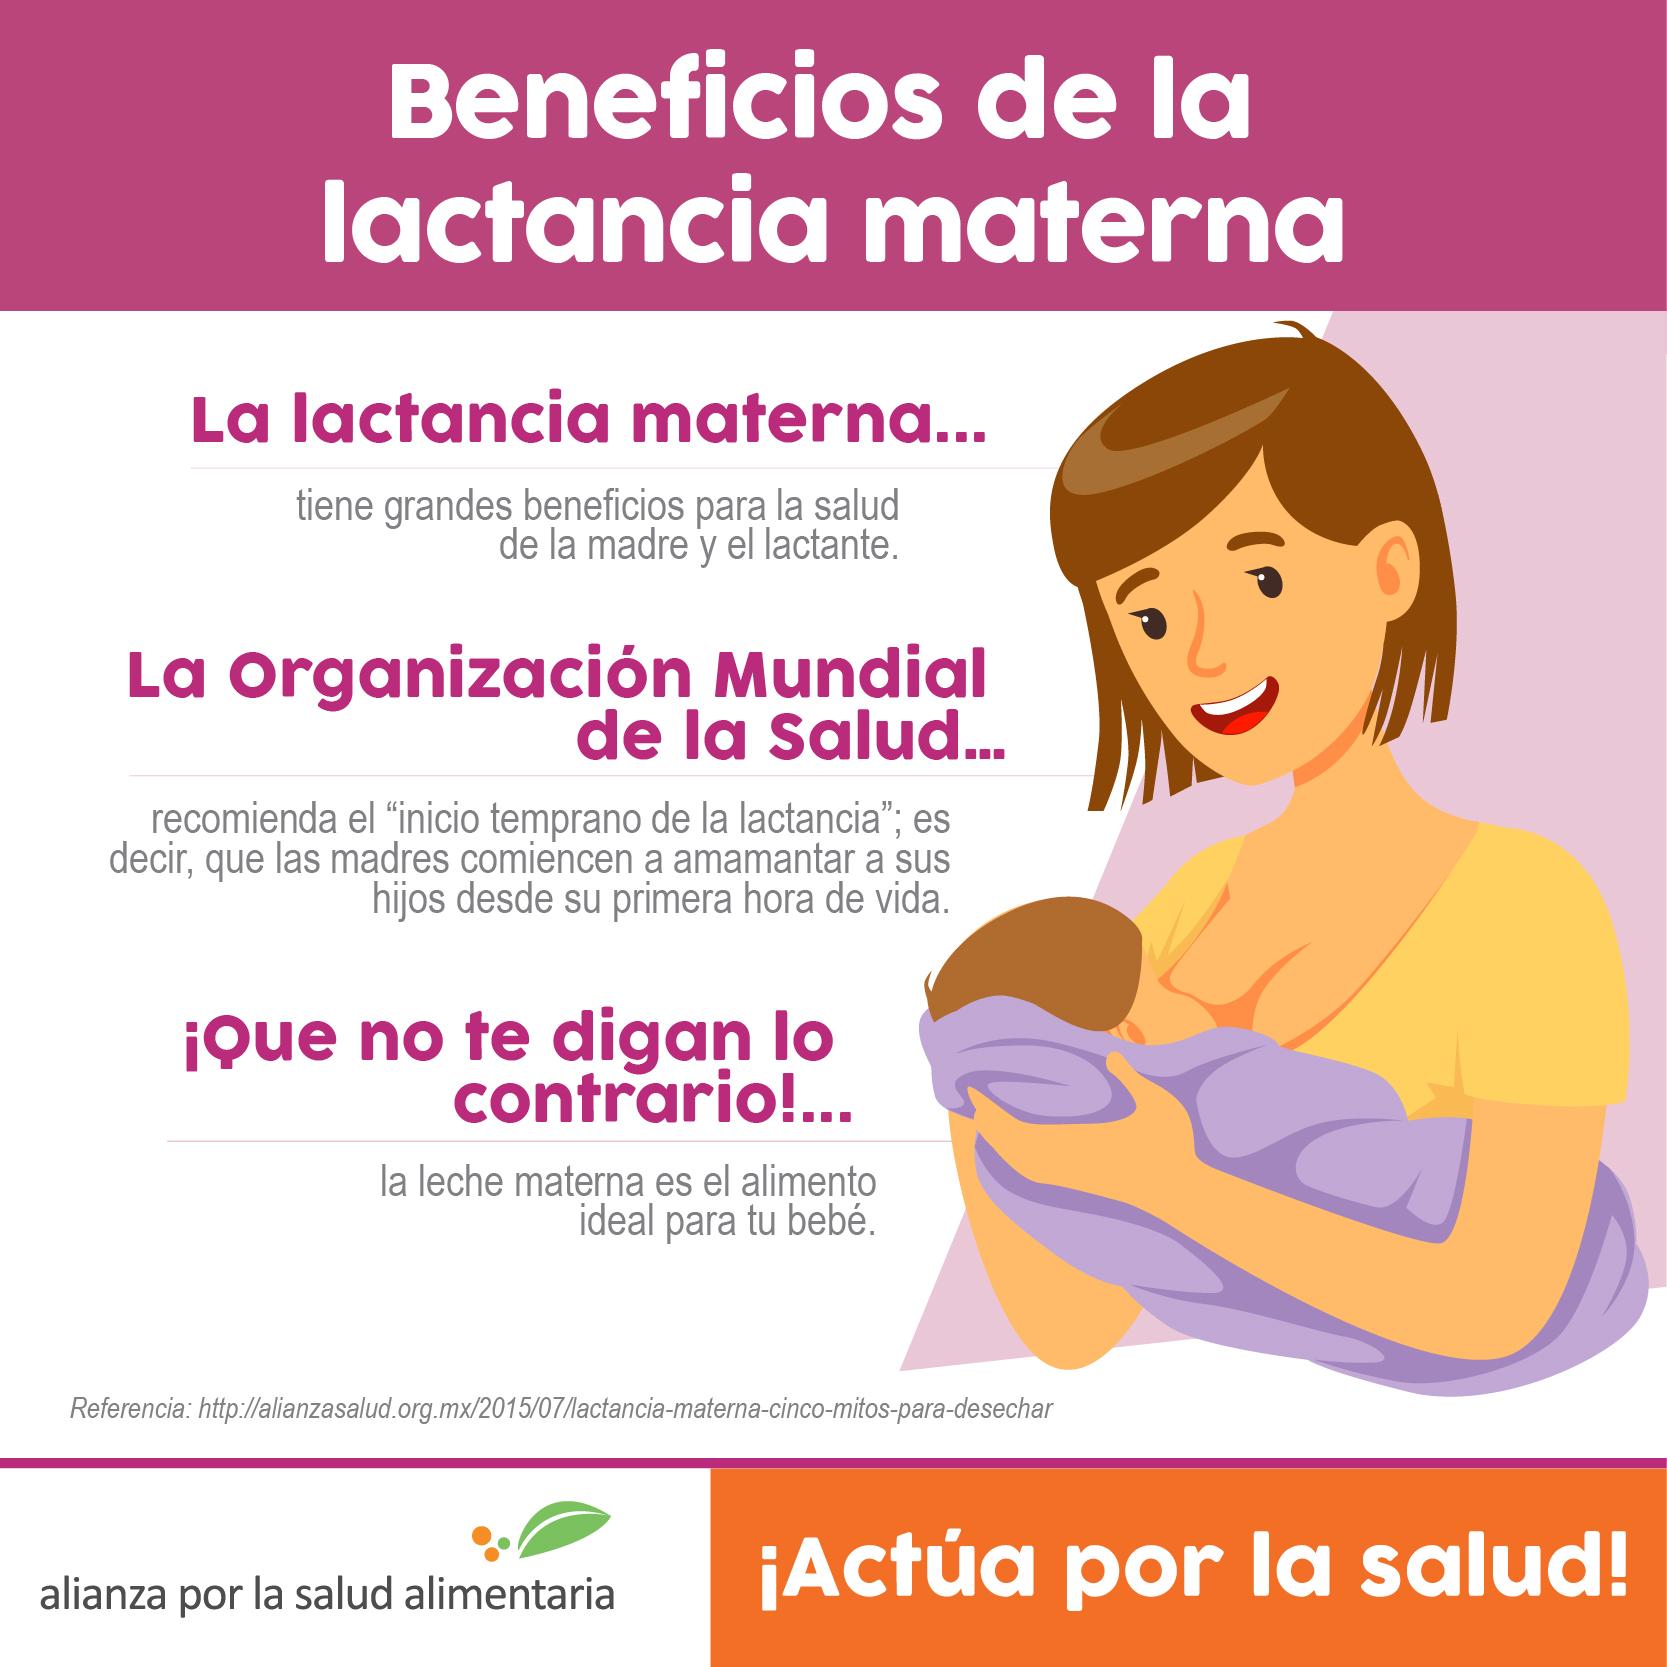 Lactancia materna cinco mitos para desechar alianza por la salud alimentaria alianza por la - Alimentos para producir leche materna ...